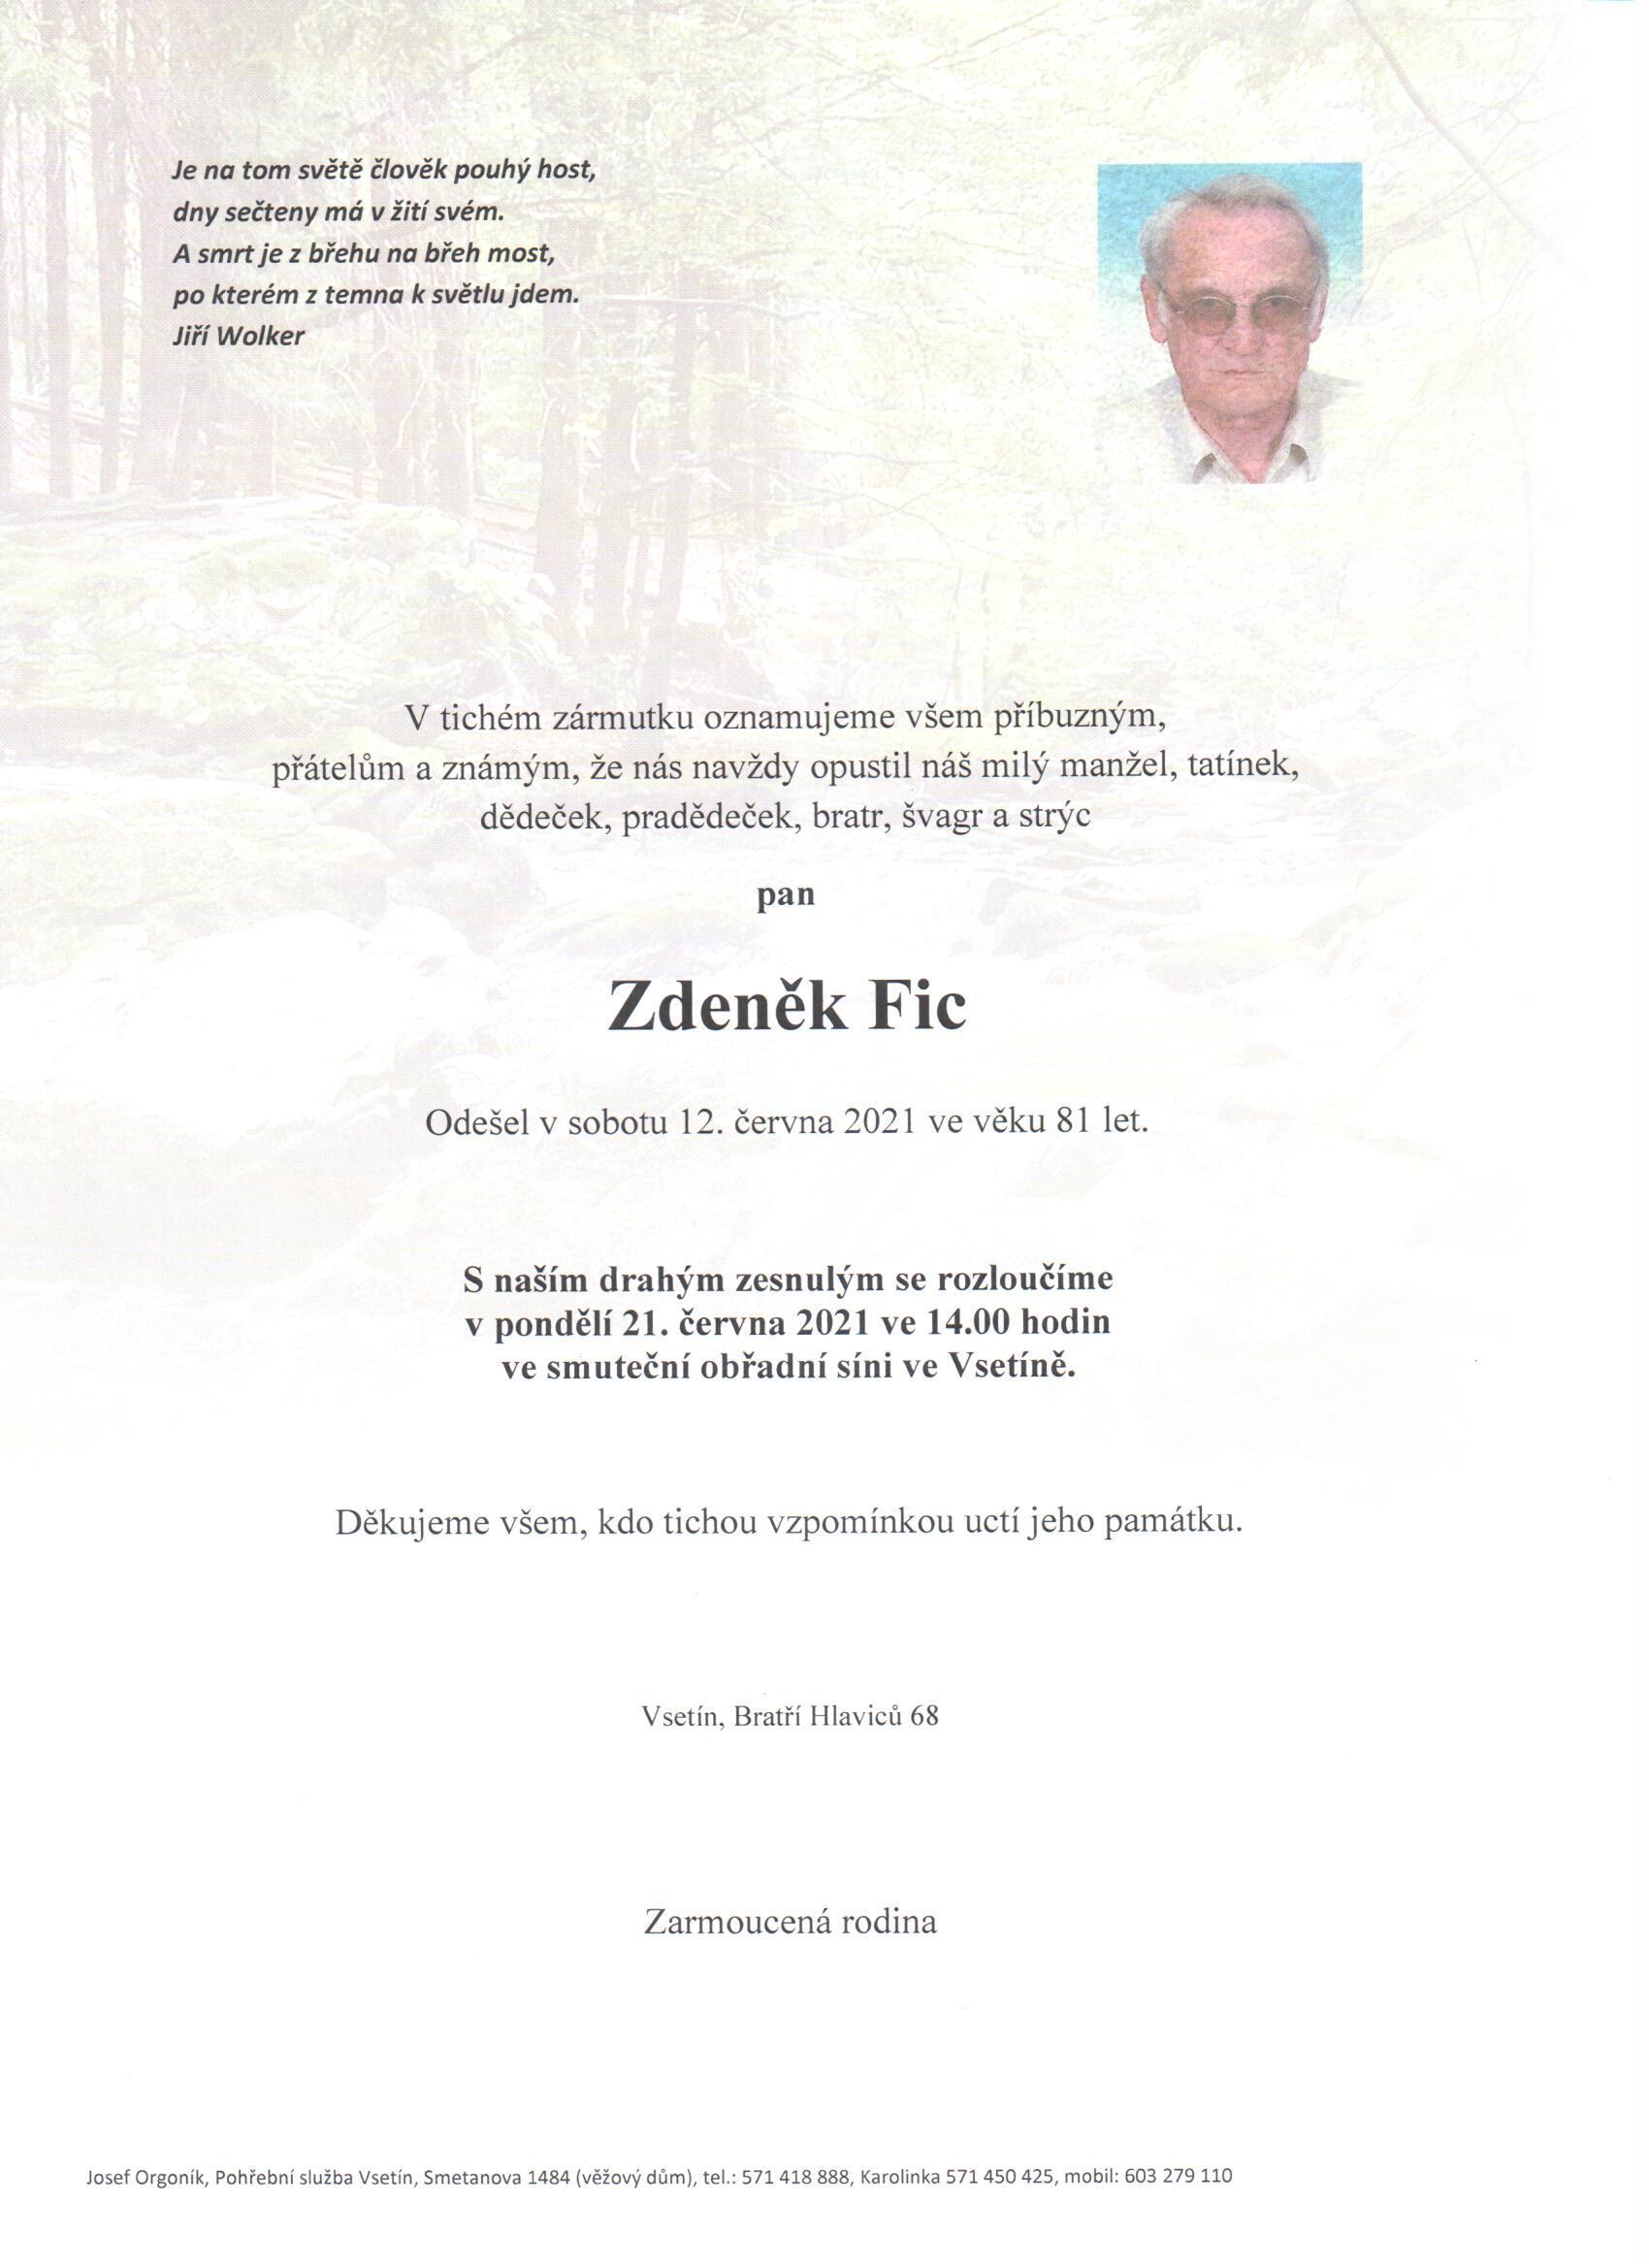 Zdeněk Fic